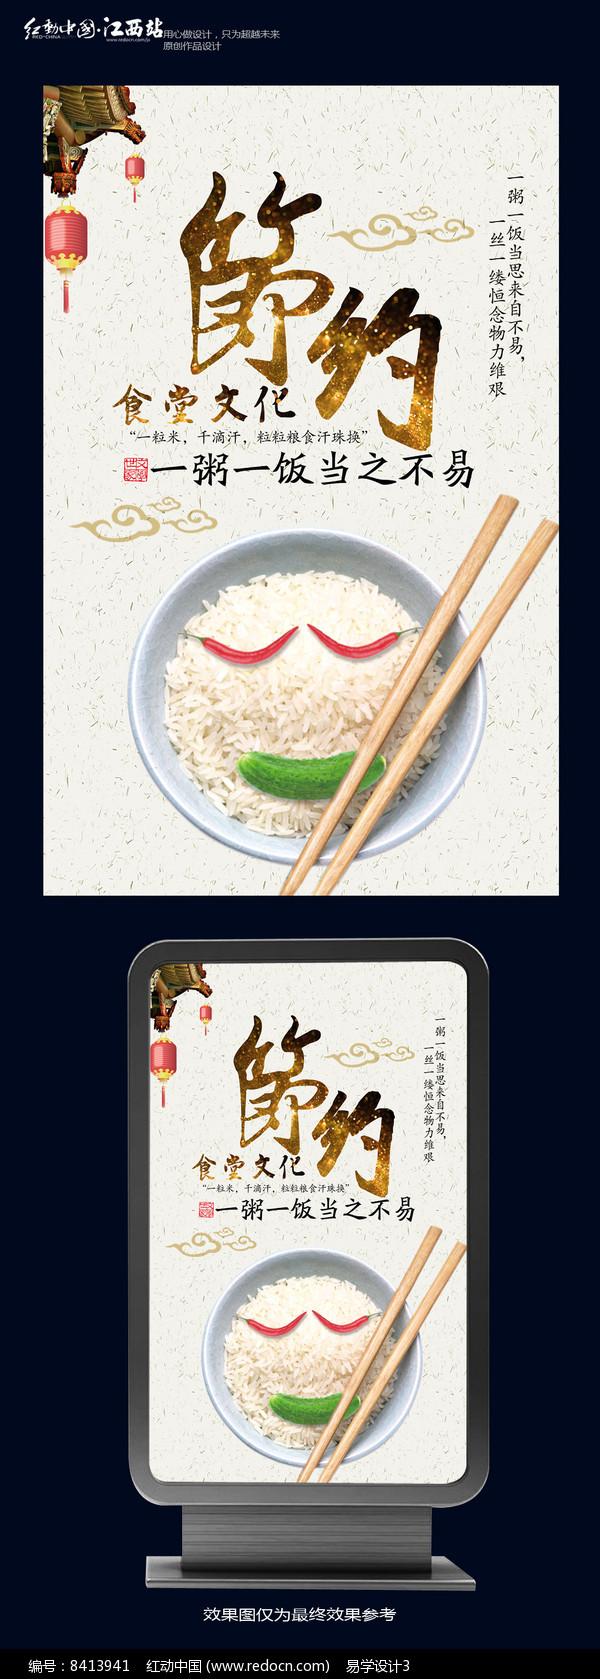 简约节约粮食宣传设计图片